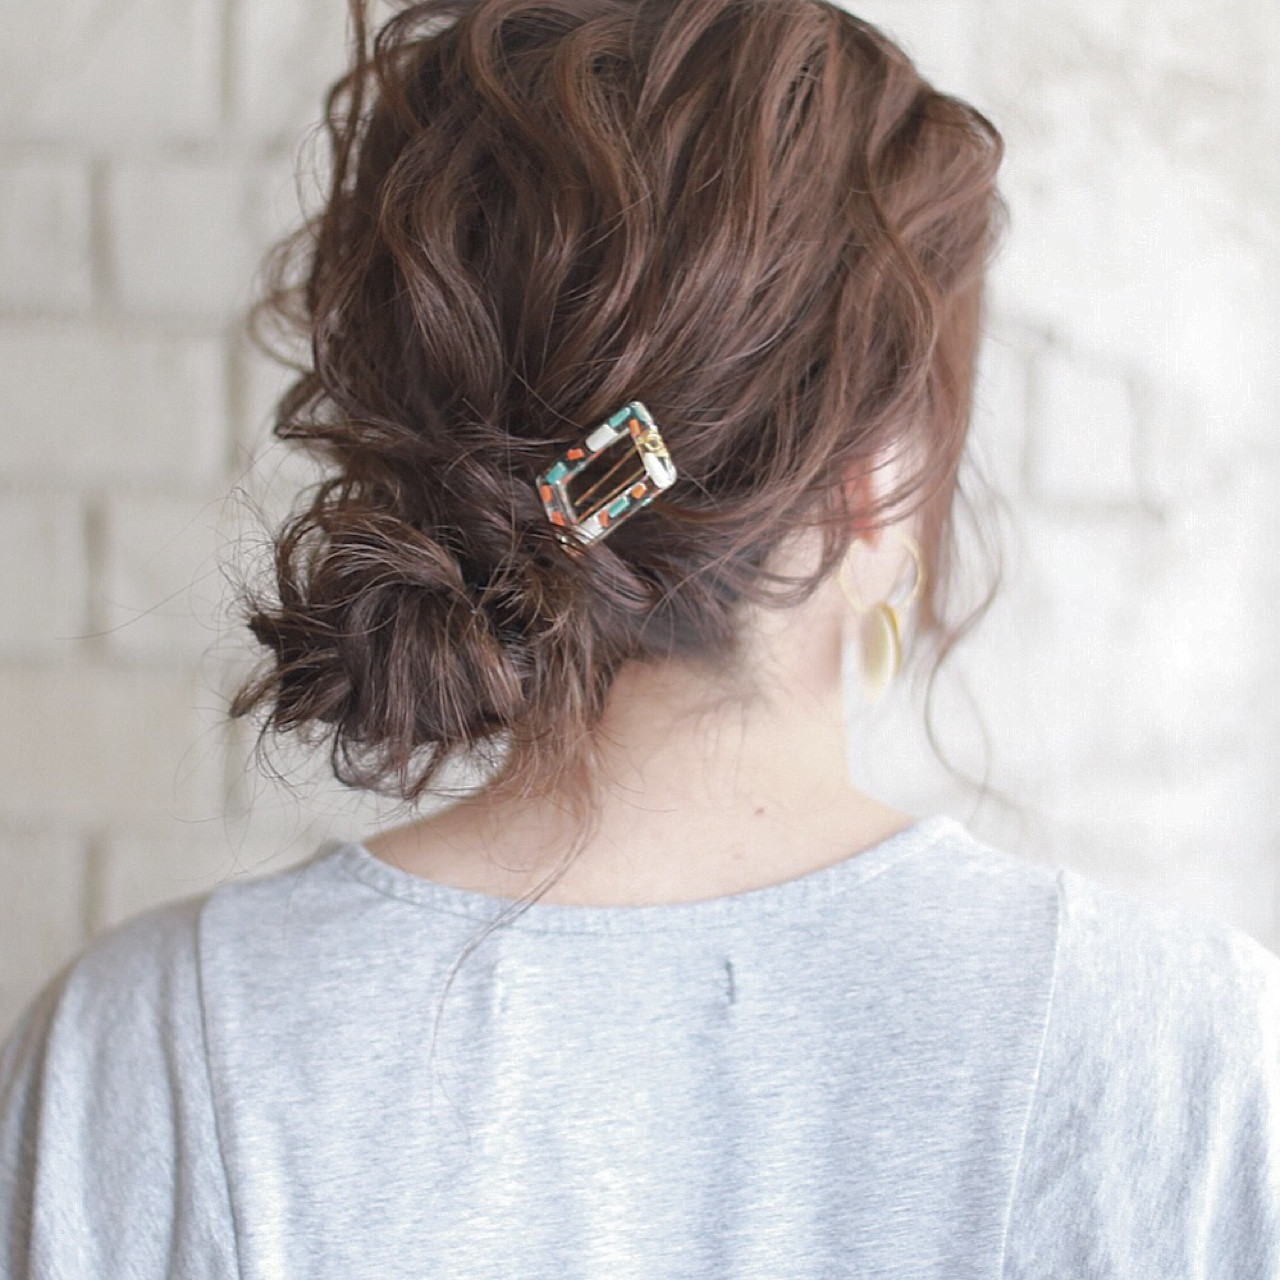 ショート ヘアアレンジ ミディアム 簡単ヘアアレンジ ヘアスタイルや髪型の写真・画像 | 廣田哲也 / nalu hair